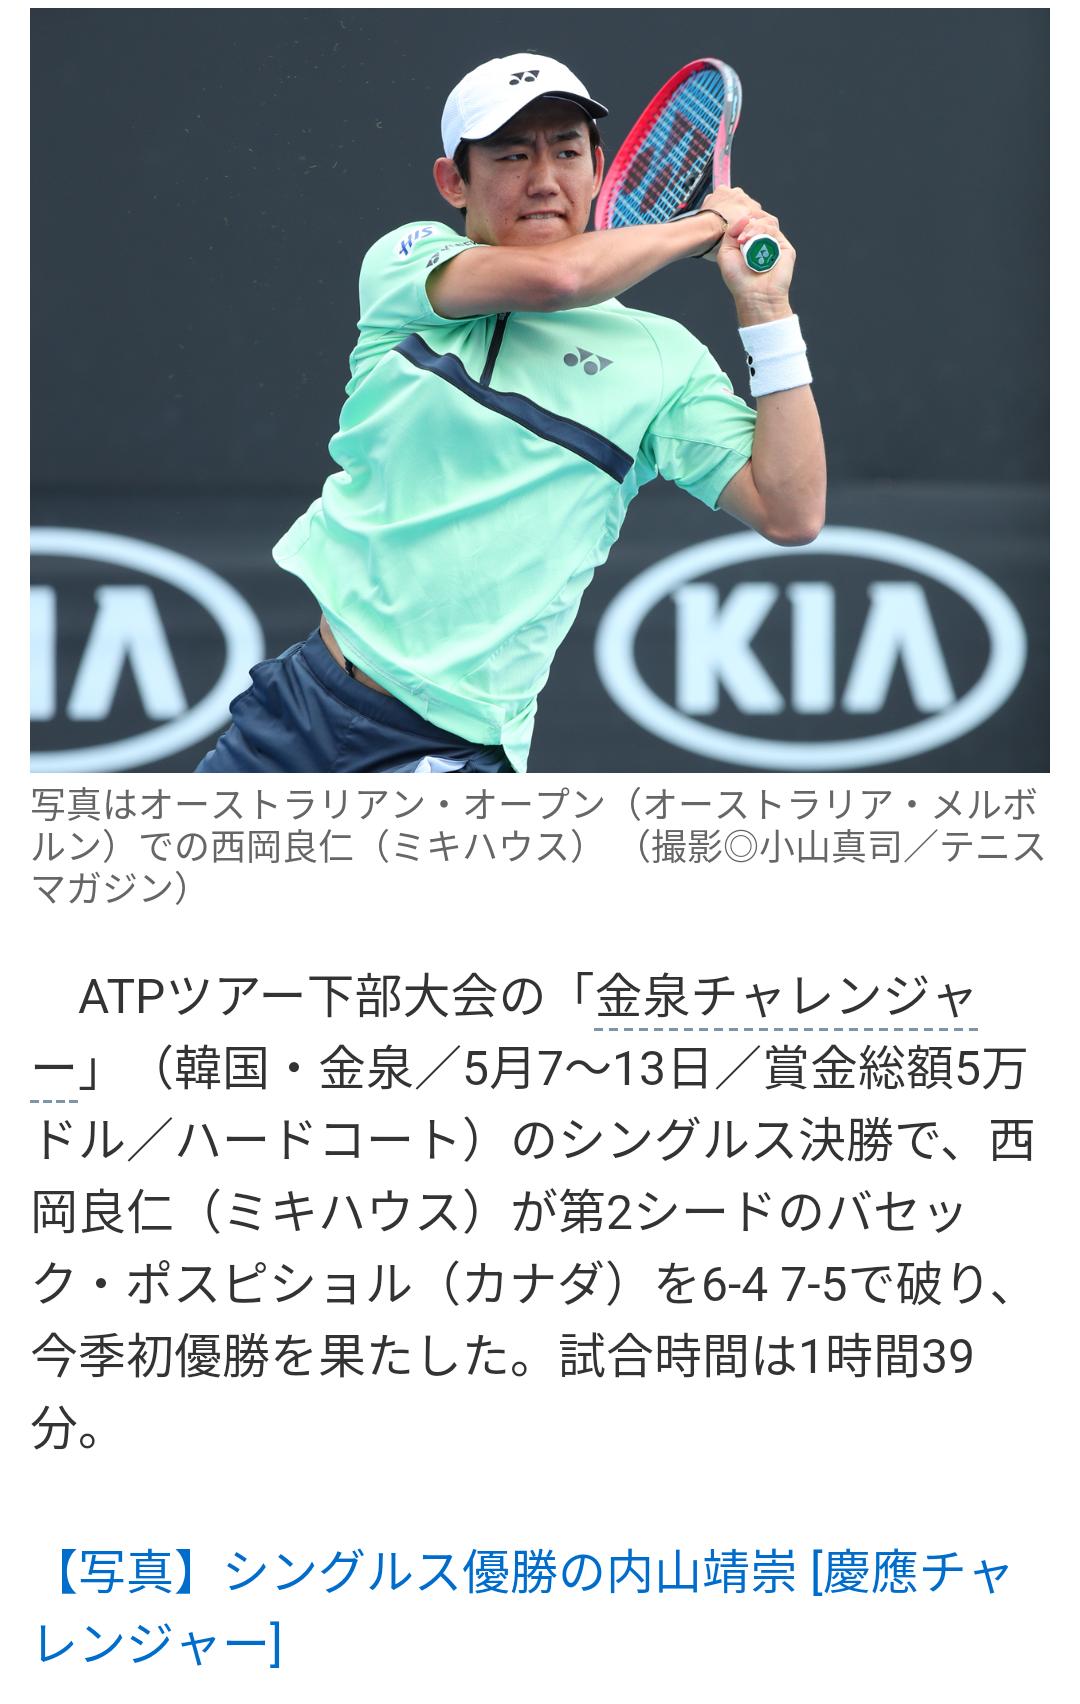 95e2257542626 オールサムテニスクラブ熊本 | ぶきっちょテニス日記ーひたすら楽しく ...